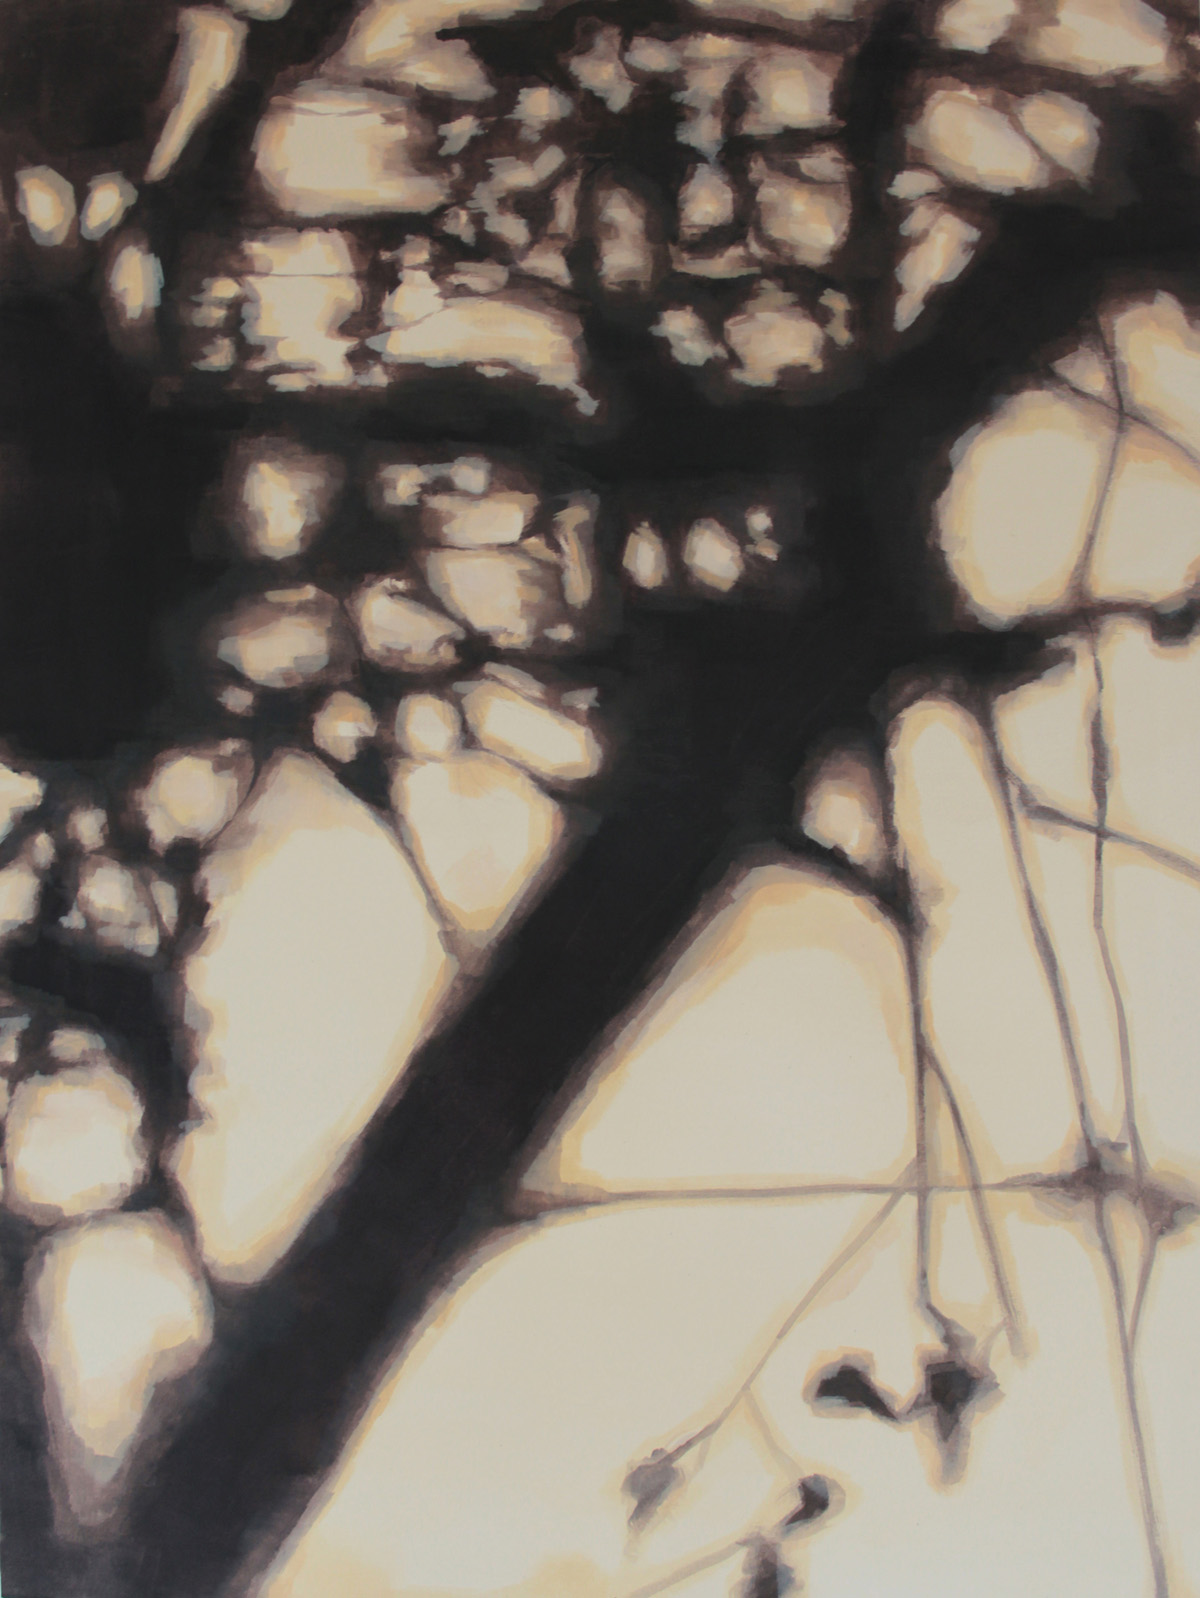 Sin título III. Mixta sobre lienzo, 130 x 97 cm. 2012